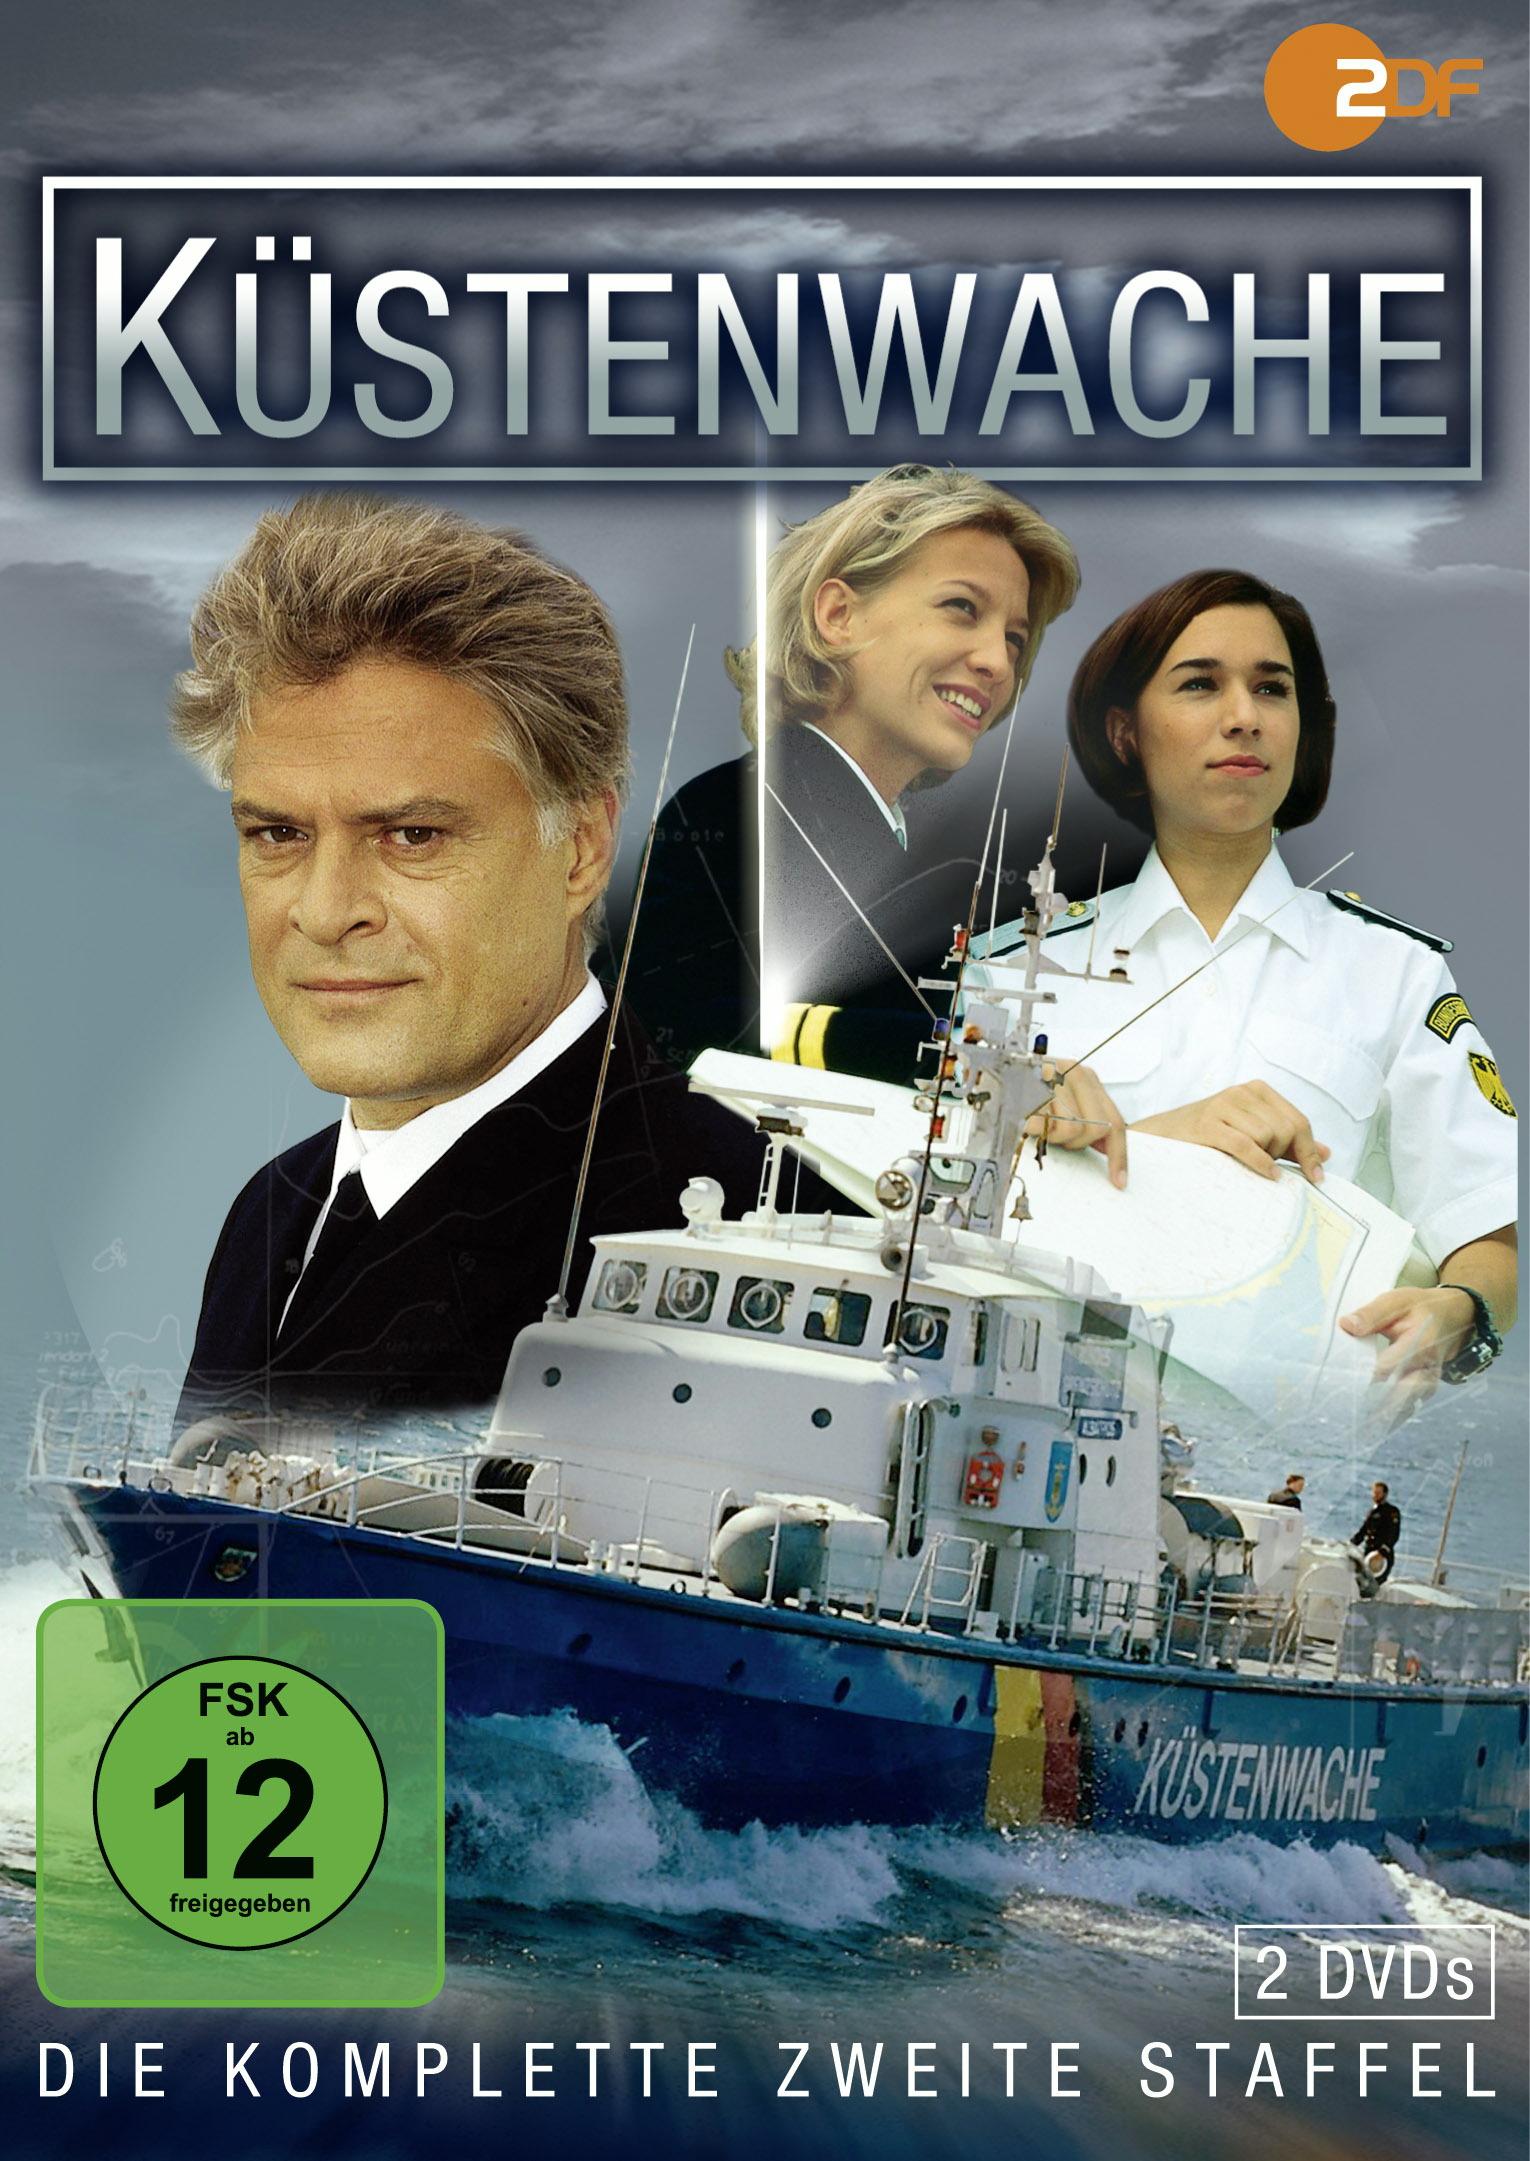 Küstenwache - Die komplette zweite Staffel Poster